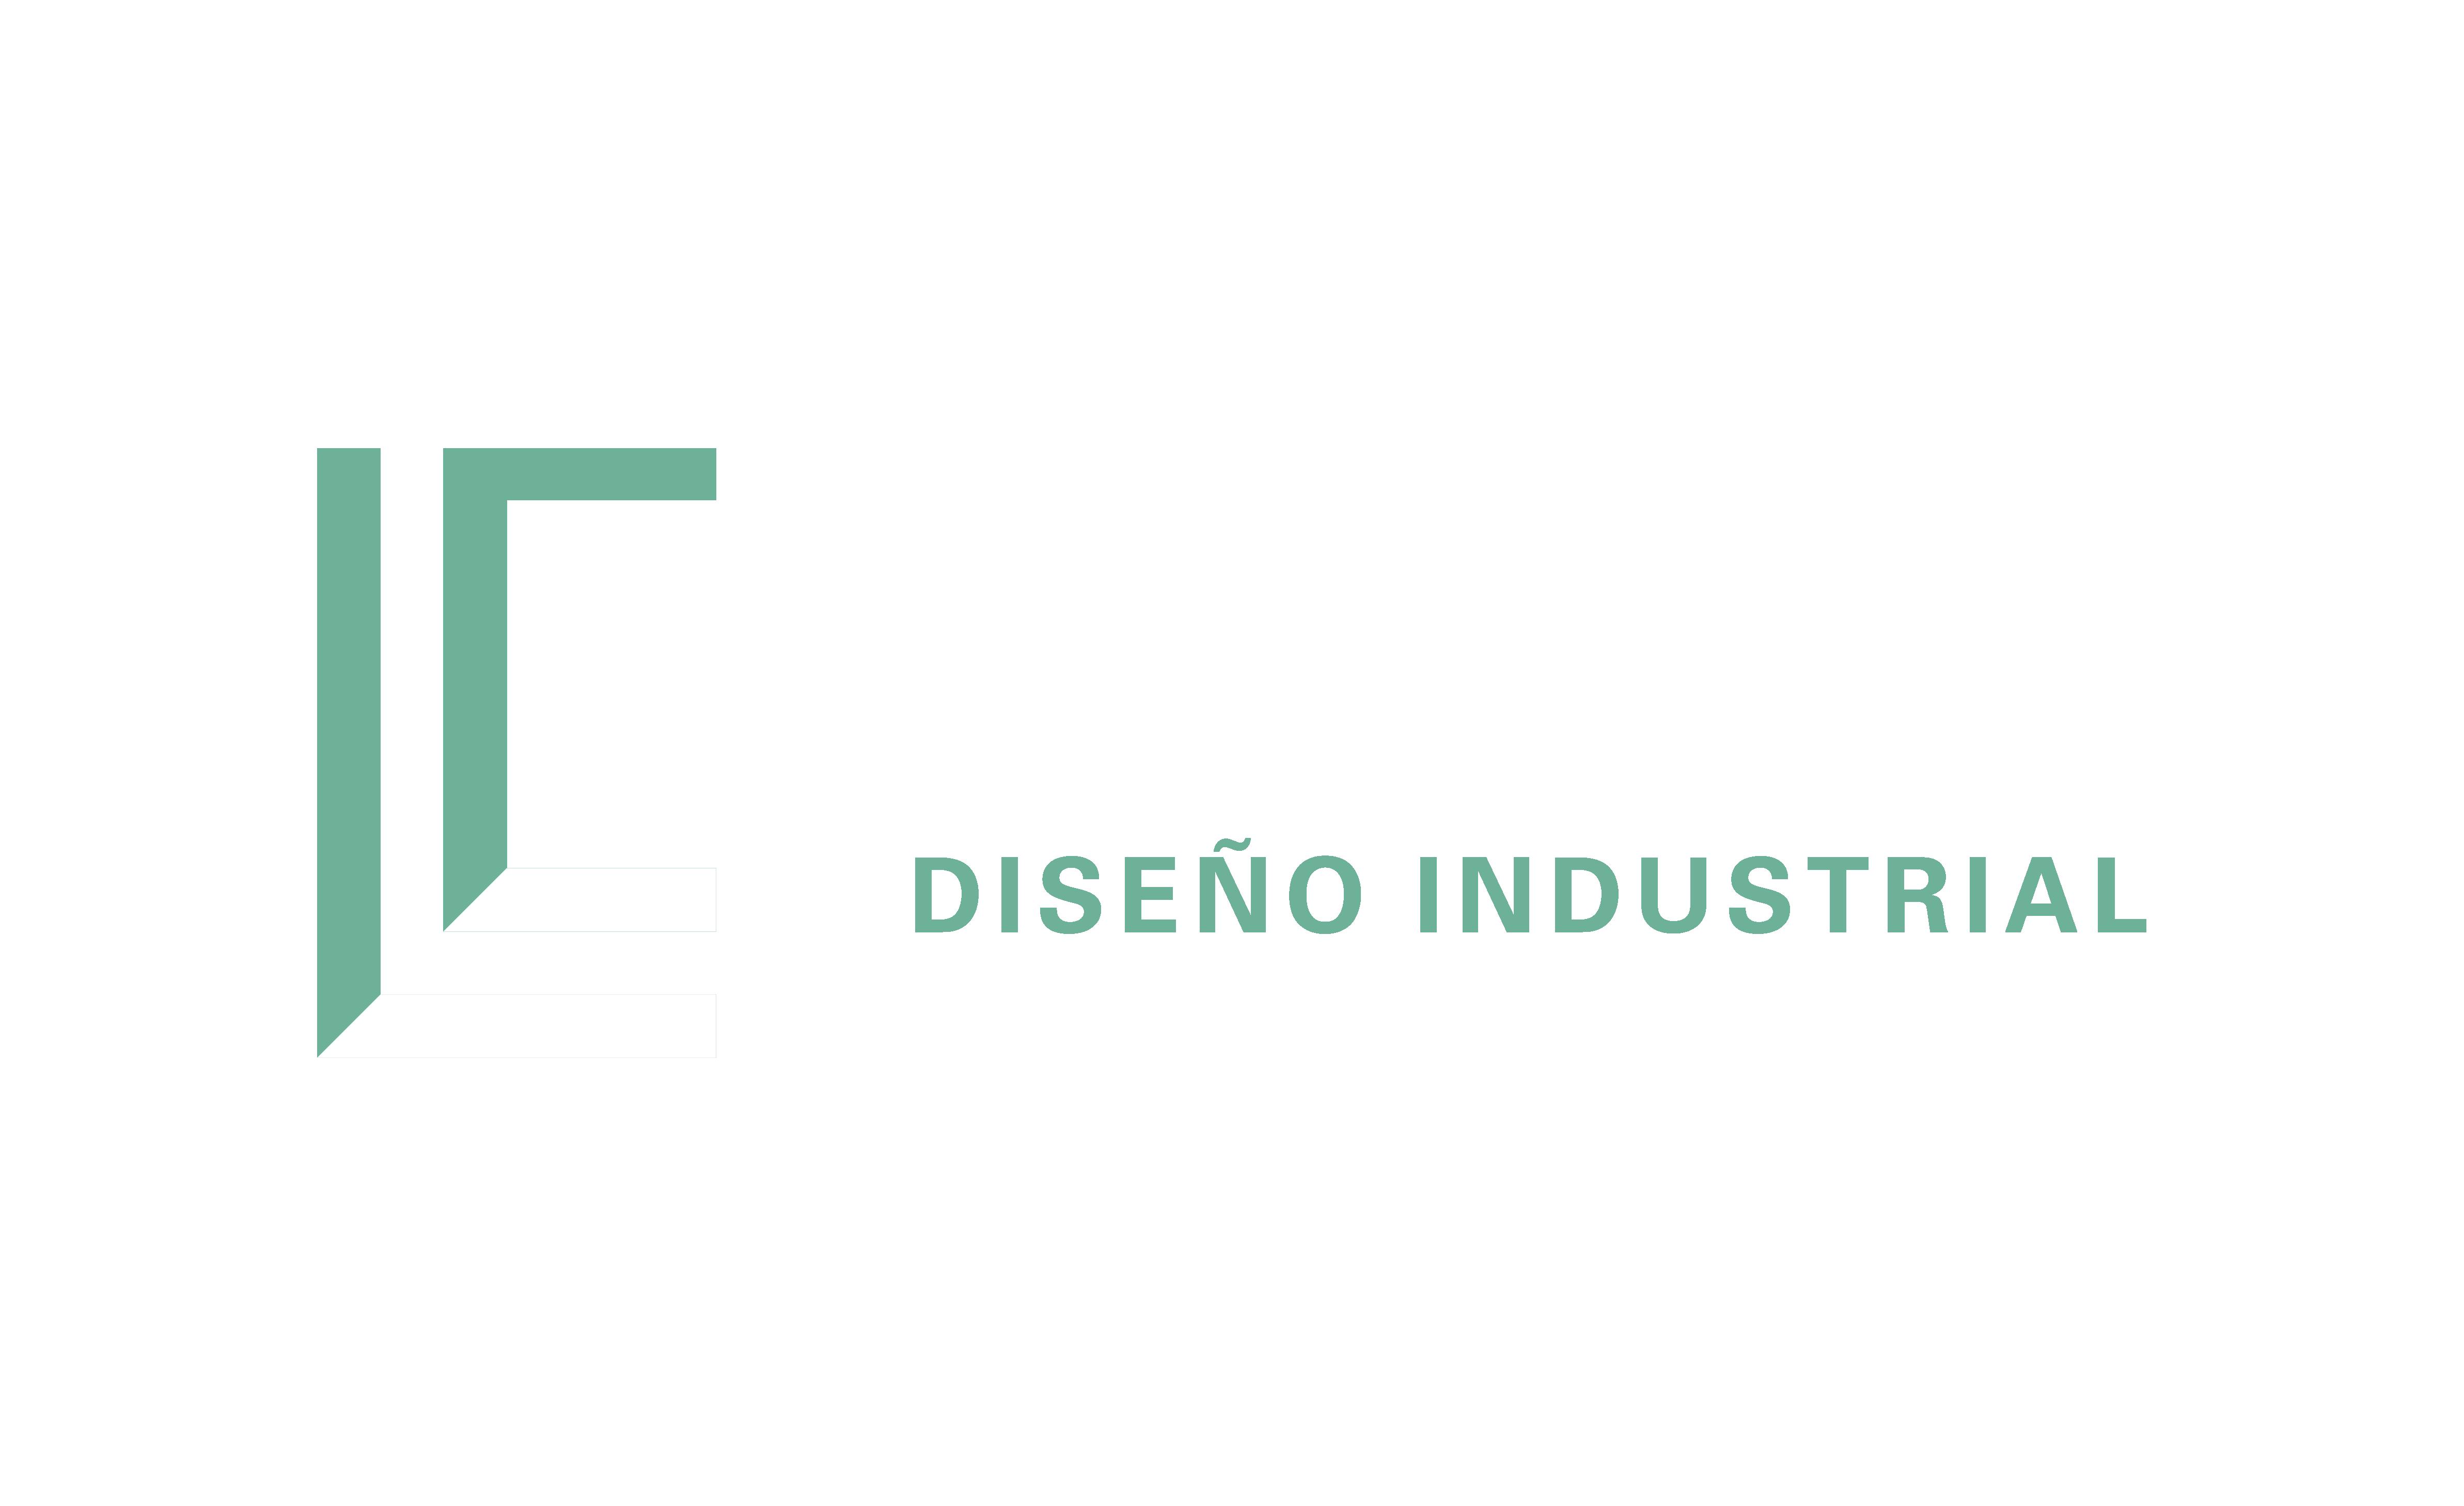 Elias Lopez Diseño